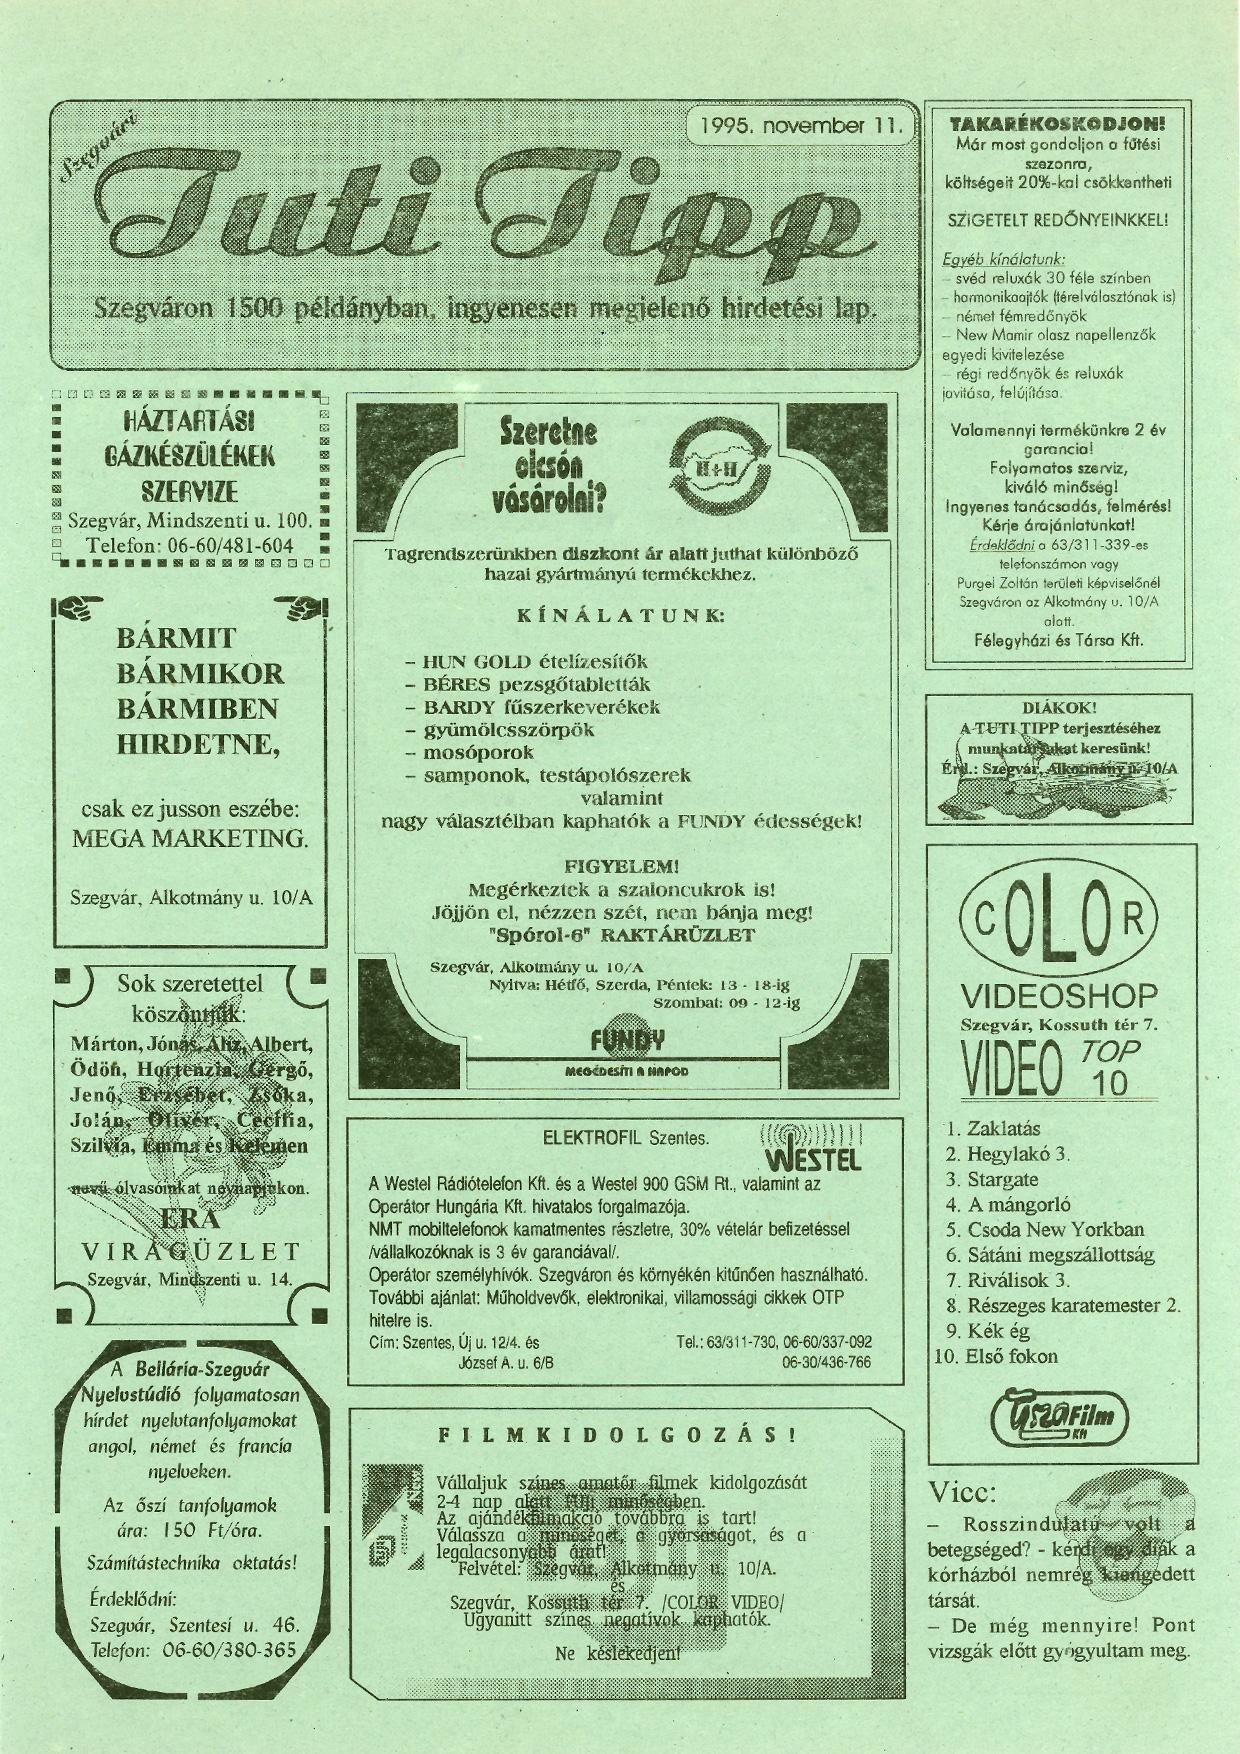 015 Tuti Tipp reklámújság - 19951111-007. lapszám -1.oldal - I. évfolyam.jpg